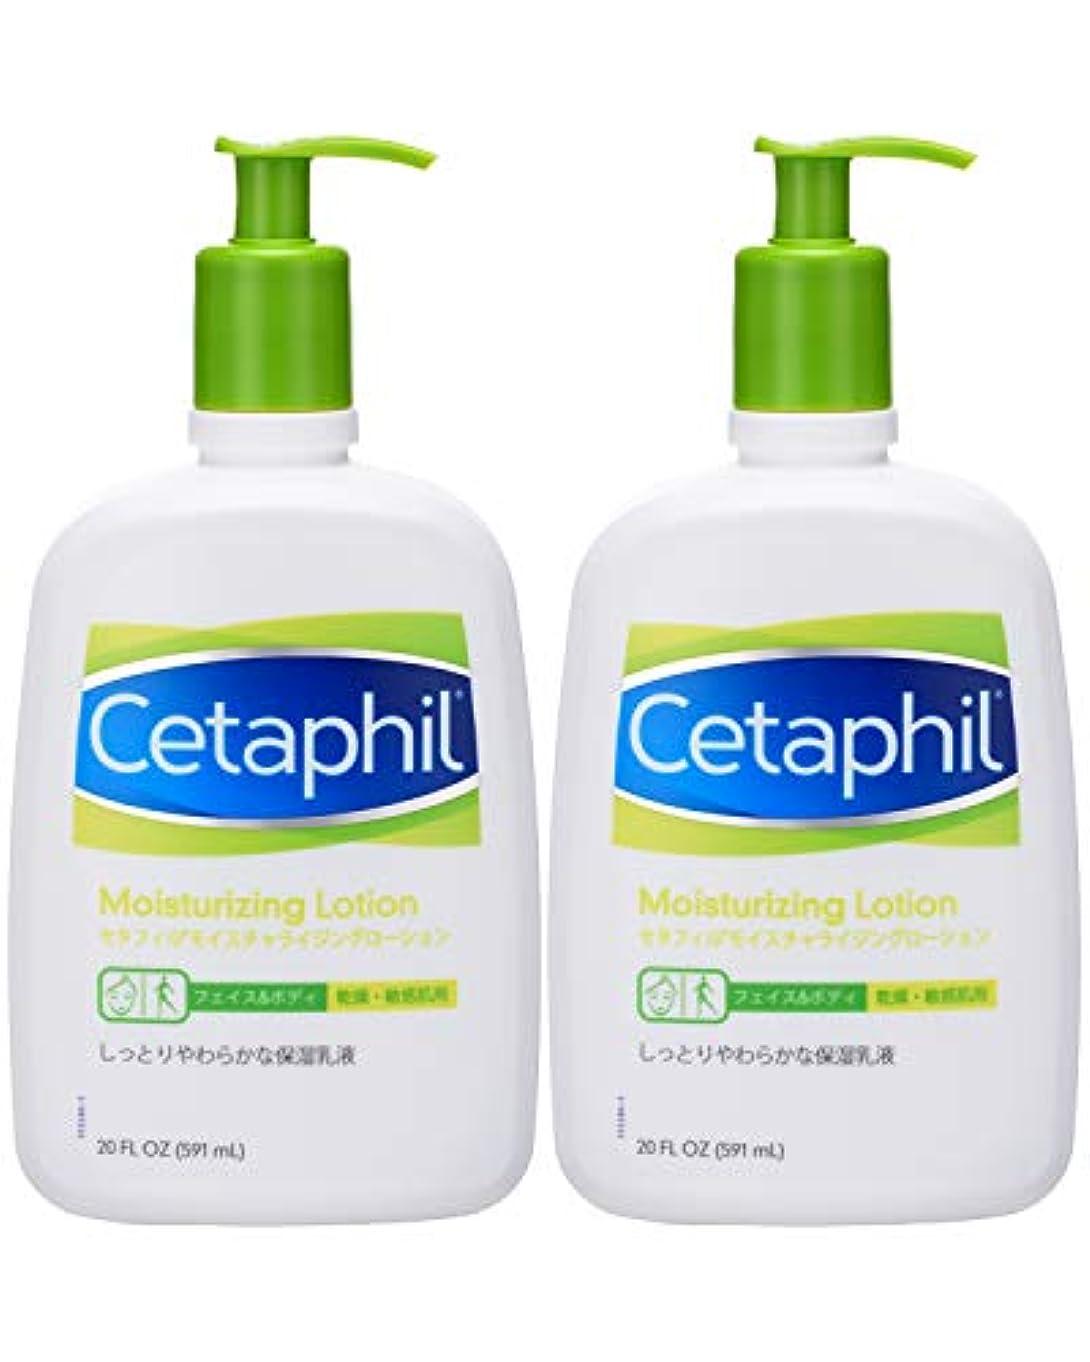 チューインガムメンタリティもっともらしいセタフィル Cetaphil ® モイスチャライジングローション 591ml 2本組 ( フェイス & ボディ 保湿乳液 ローション )